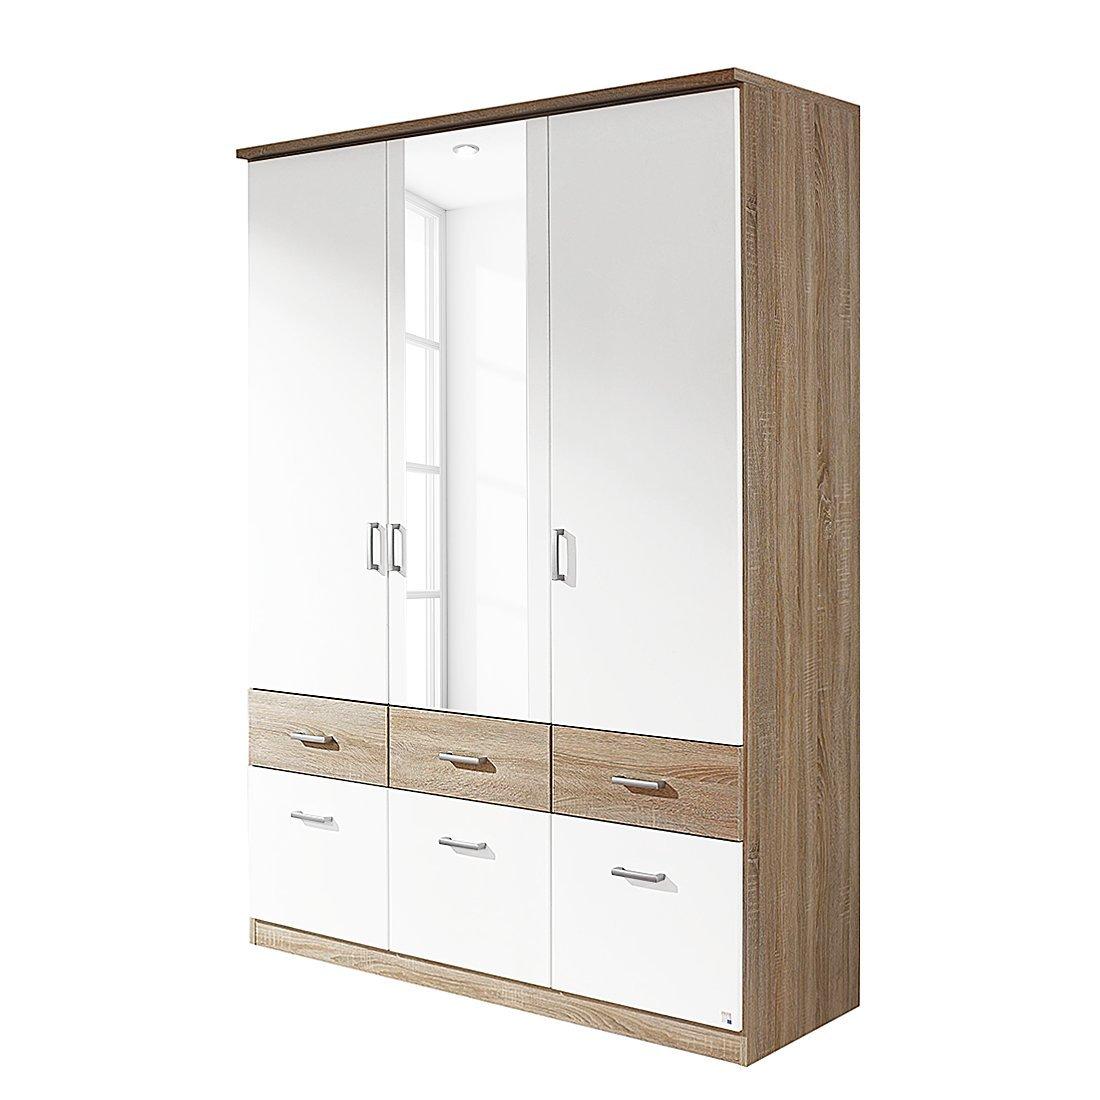 Kleiderschrank weiß hochglanz 3 türig  rauch Kleiderschrank Bremen, weiß/Dekor Eiche Sonoma mit Spiegel ...